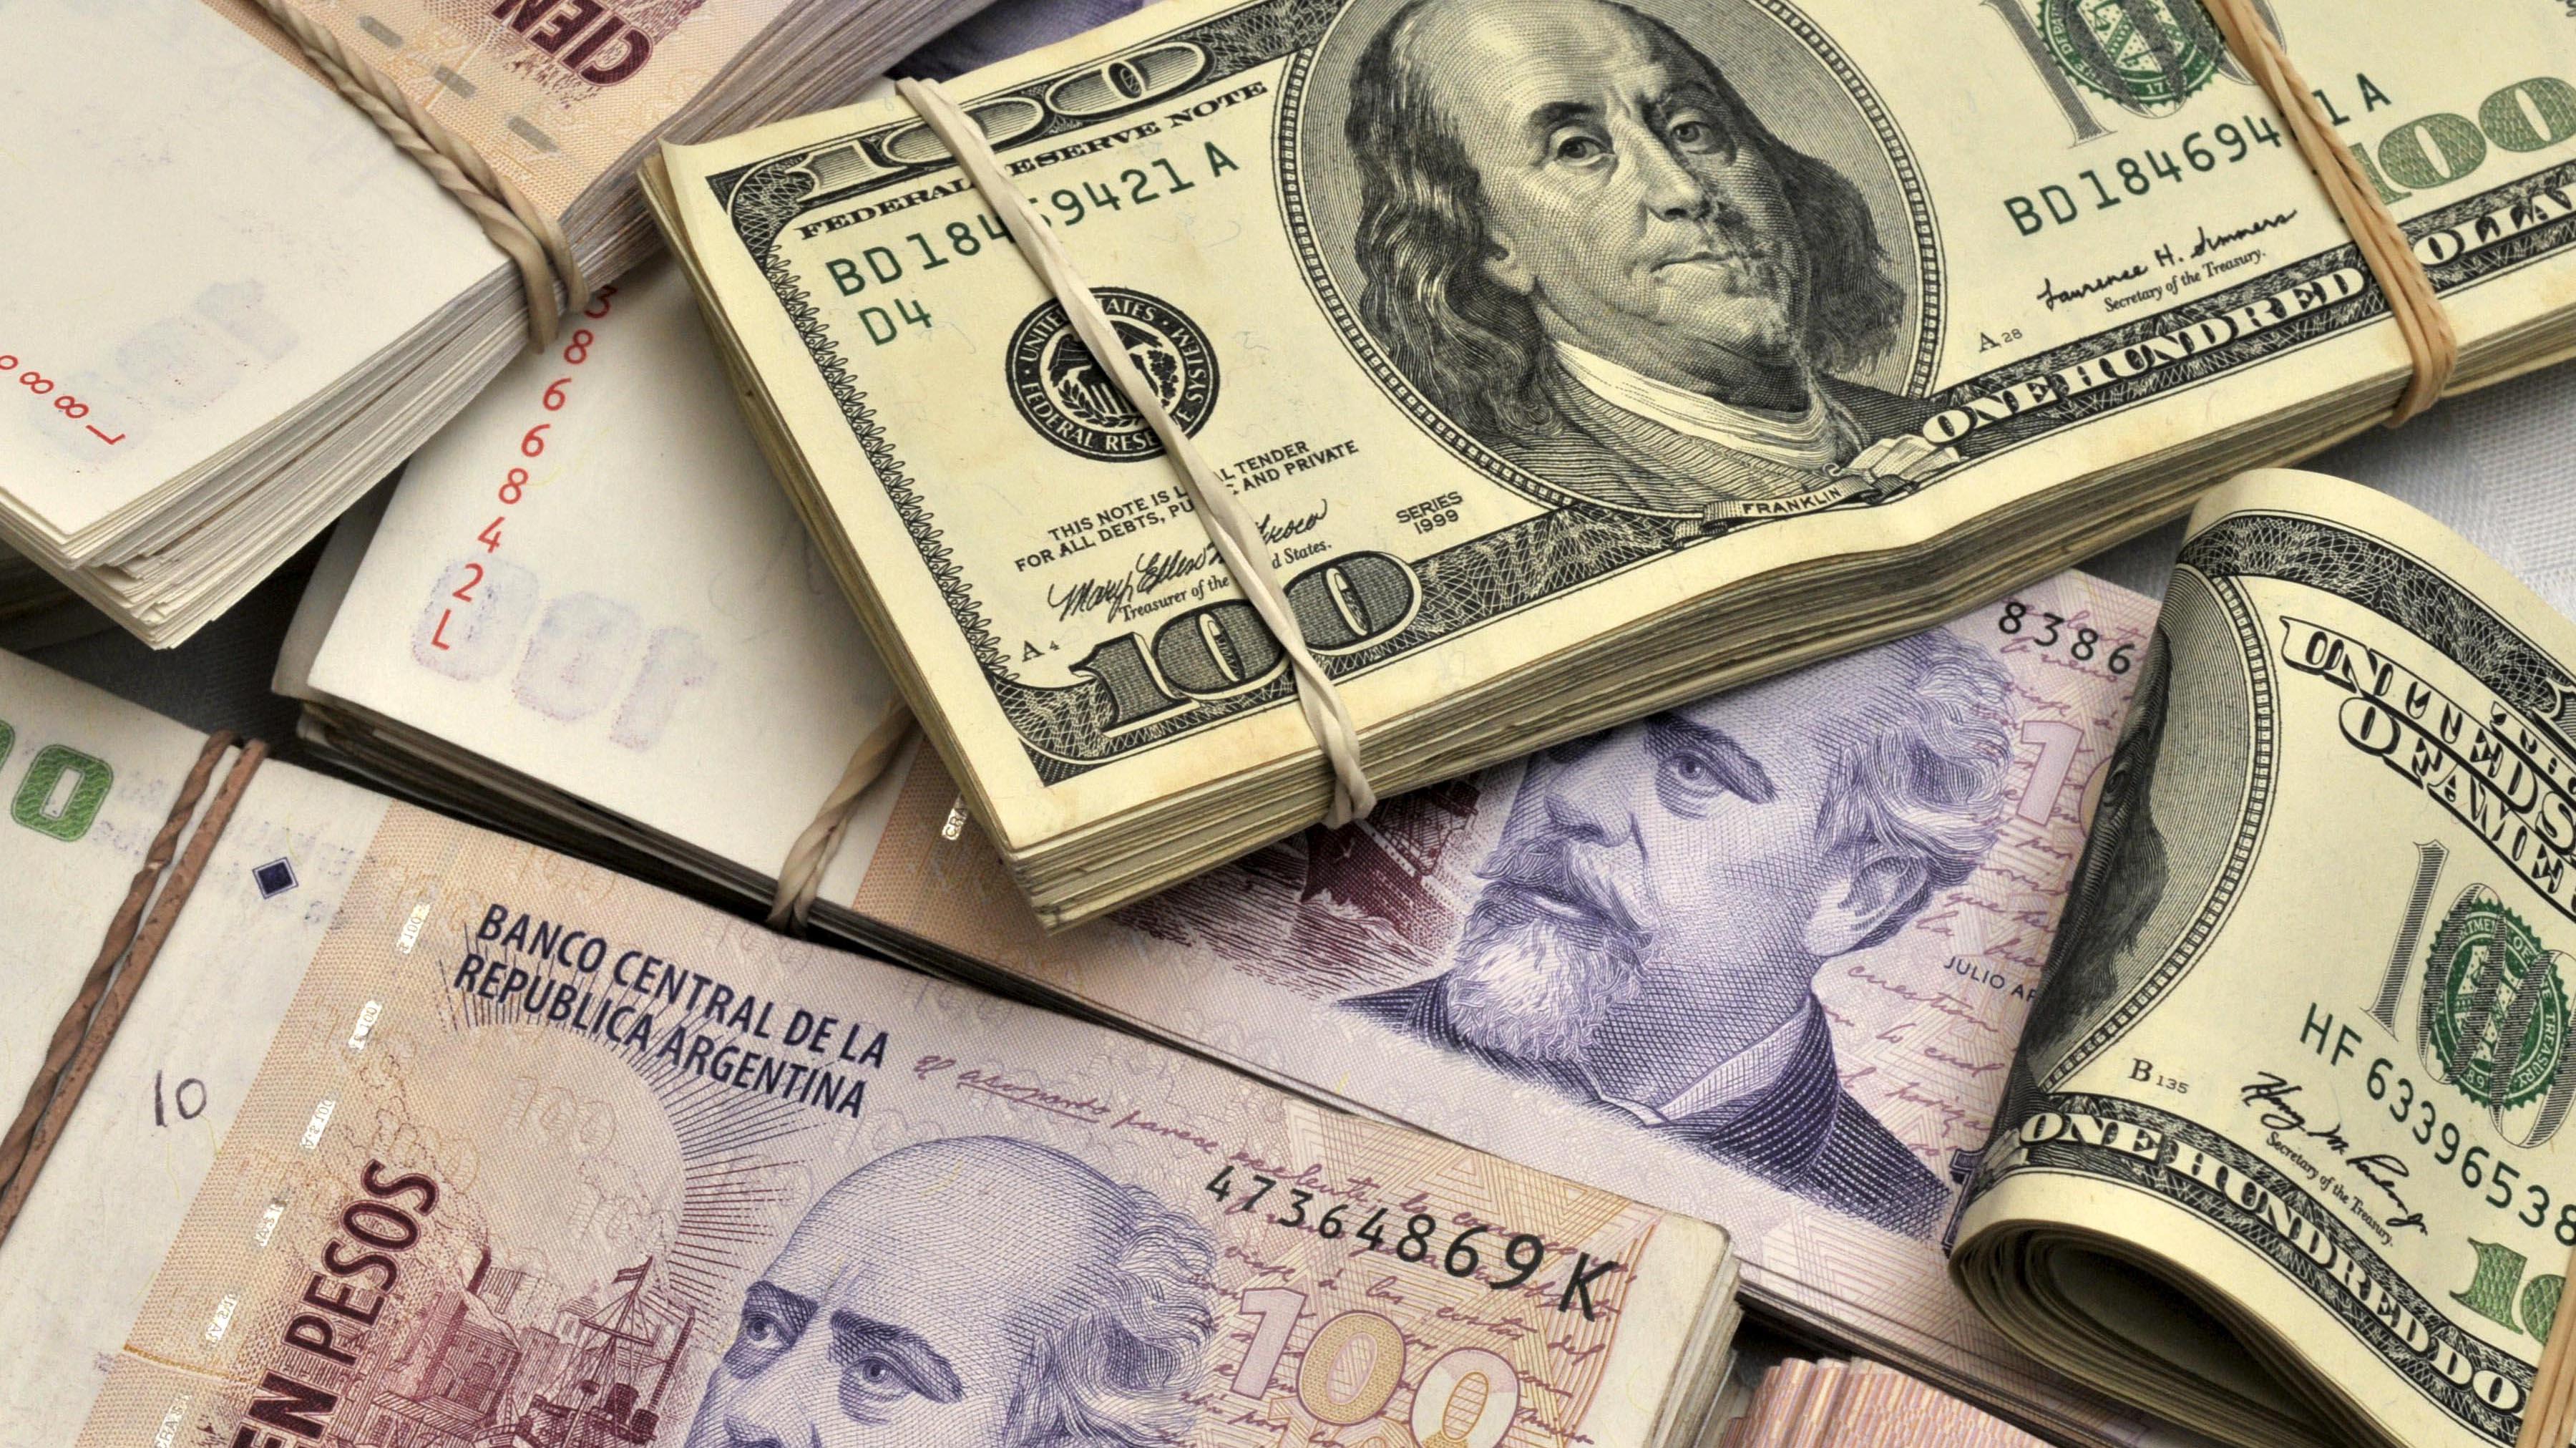 """Diario económico estadounidense propone a Argentina """"adoptar dólar como moneda nacional"""" para hacer frente a crisis"""